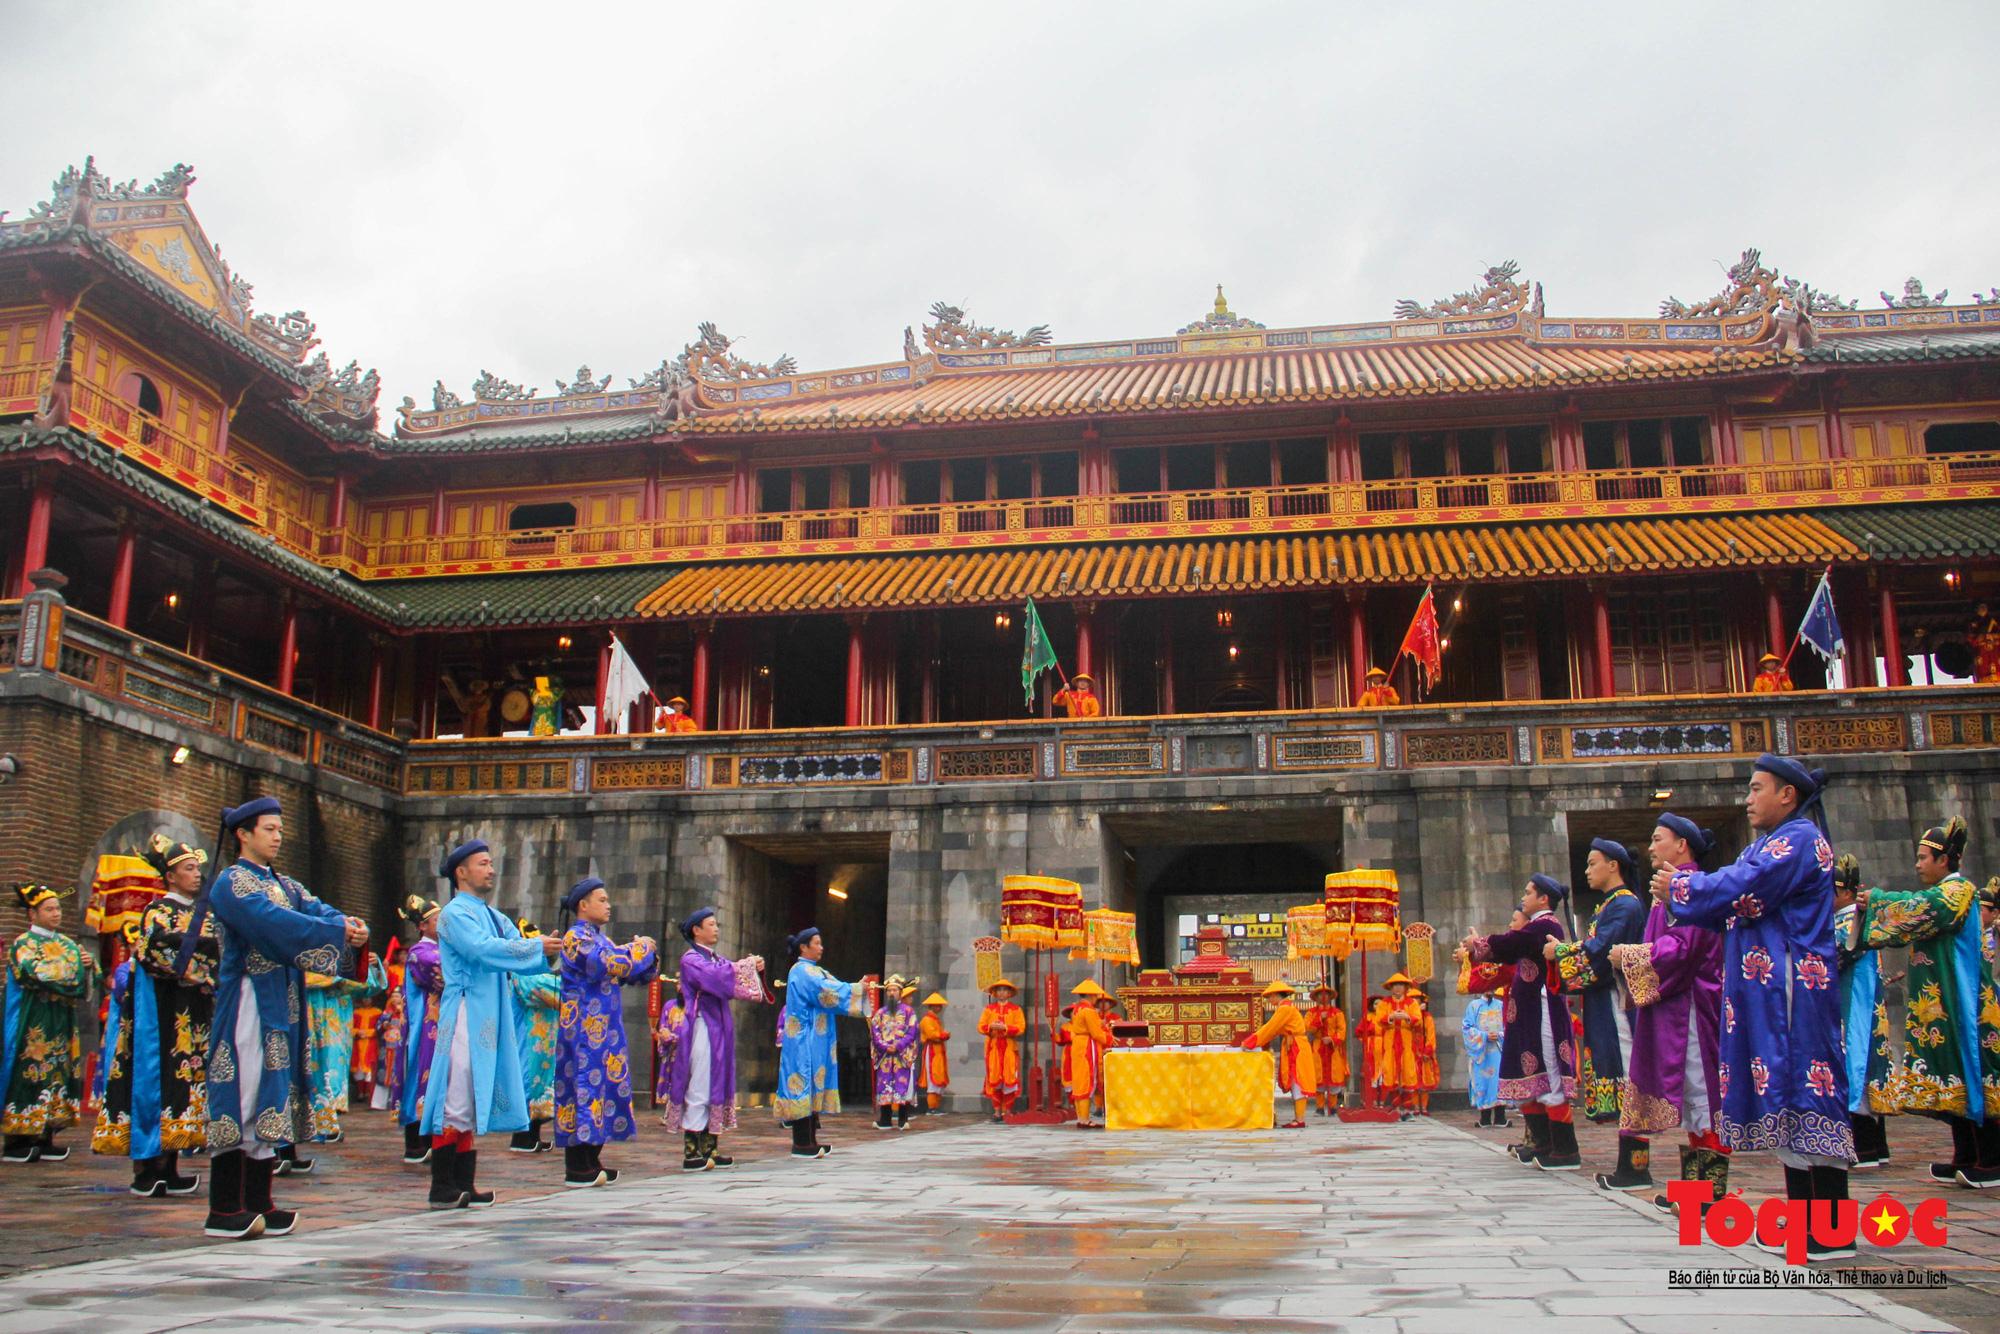 """Du khách thích thú xem tái hiện lễ """"Ban Sóc"""" của triều Nguyễn, nhận lịch tặng nhân dịp đón năm mới - Ảnh 2."""